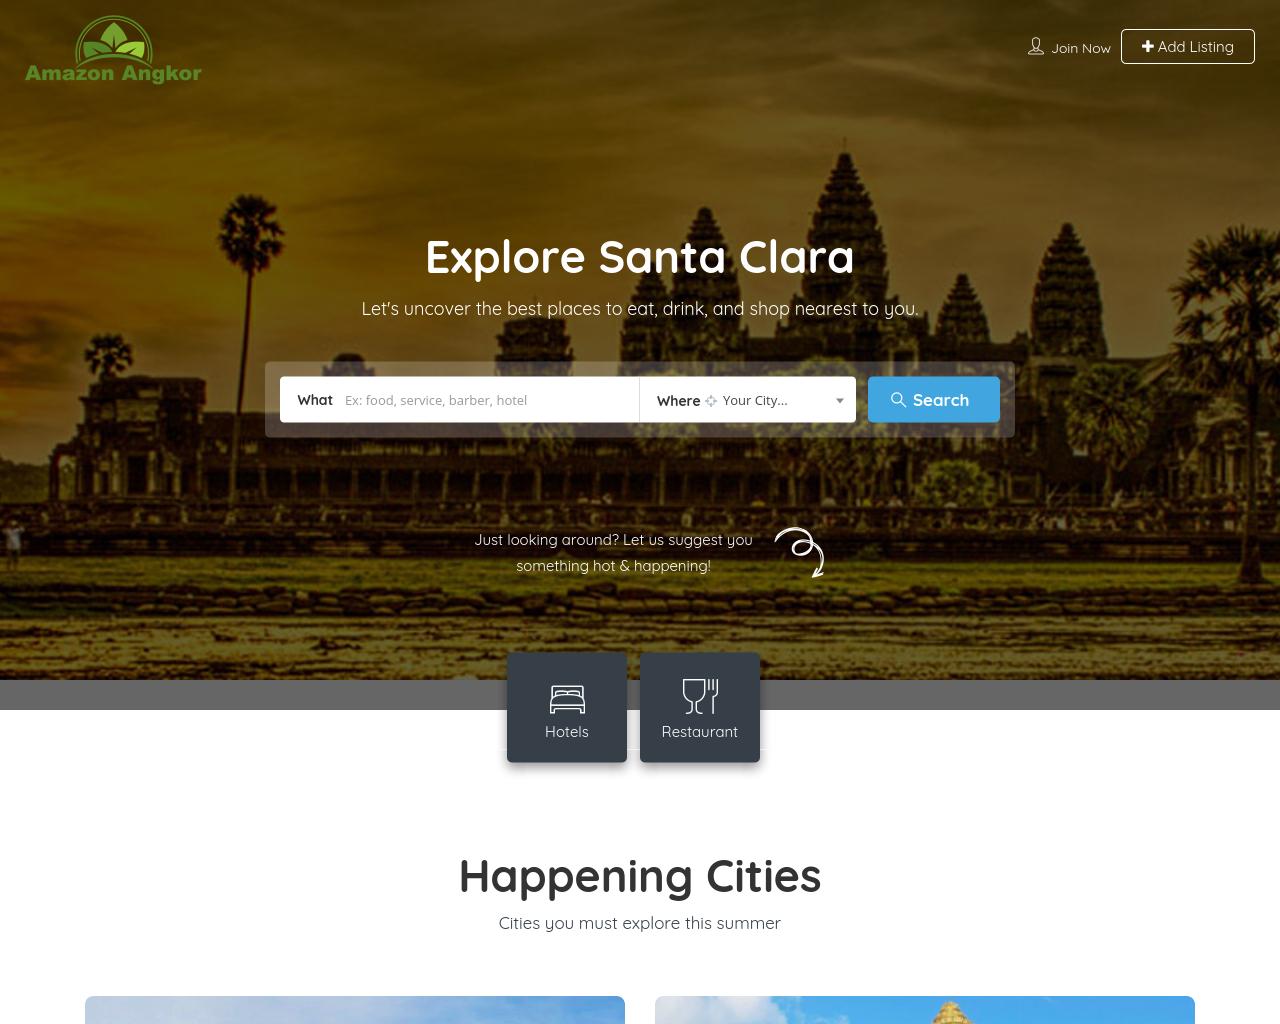 Amazon-Angkor-Advertising-Reviews-Pricing